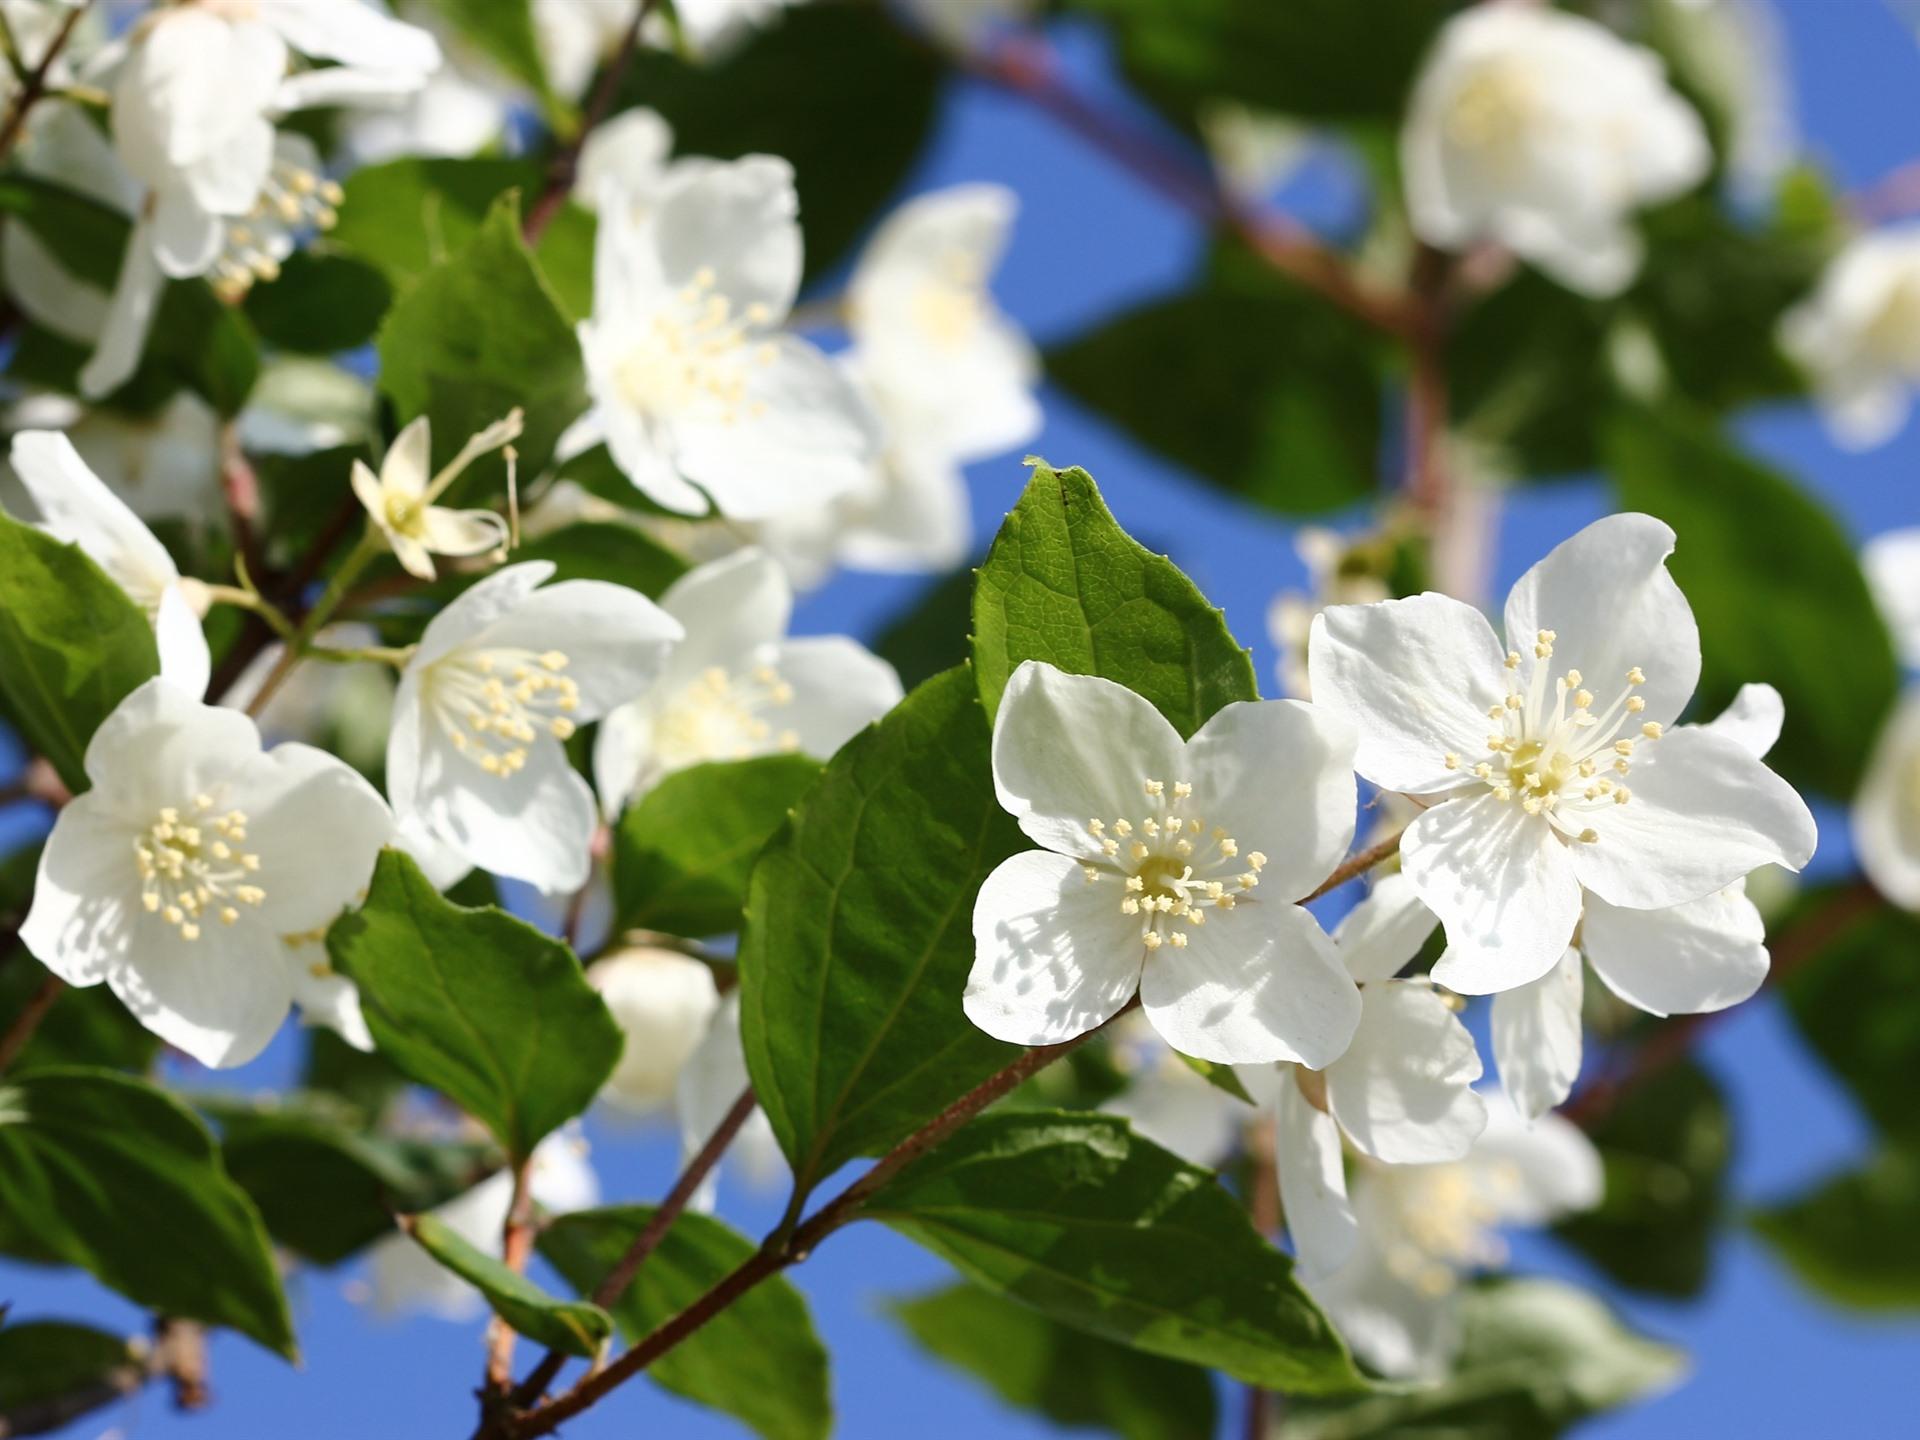 壁紙 白い花 ジャスミン 春 19x1440 Hd 無料のデスクトップの背景 画像